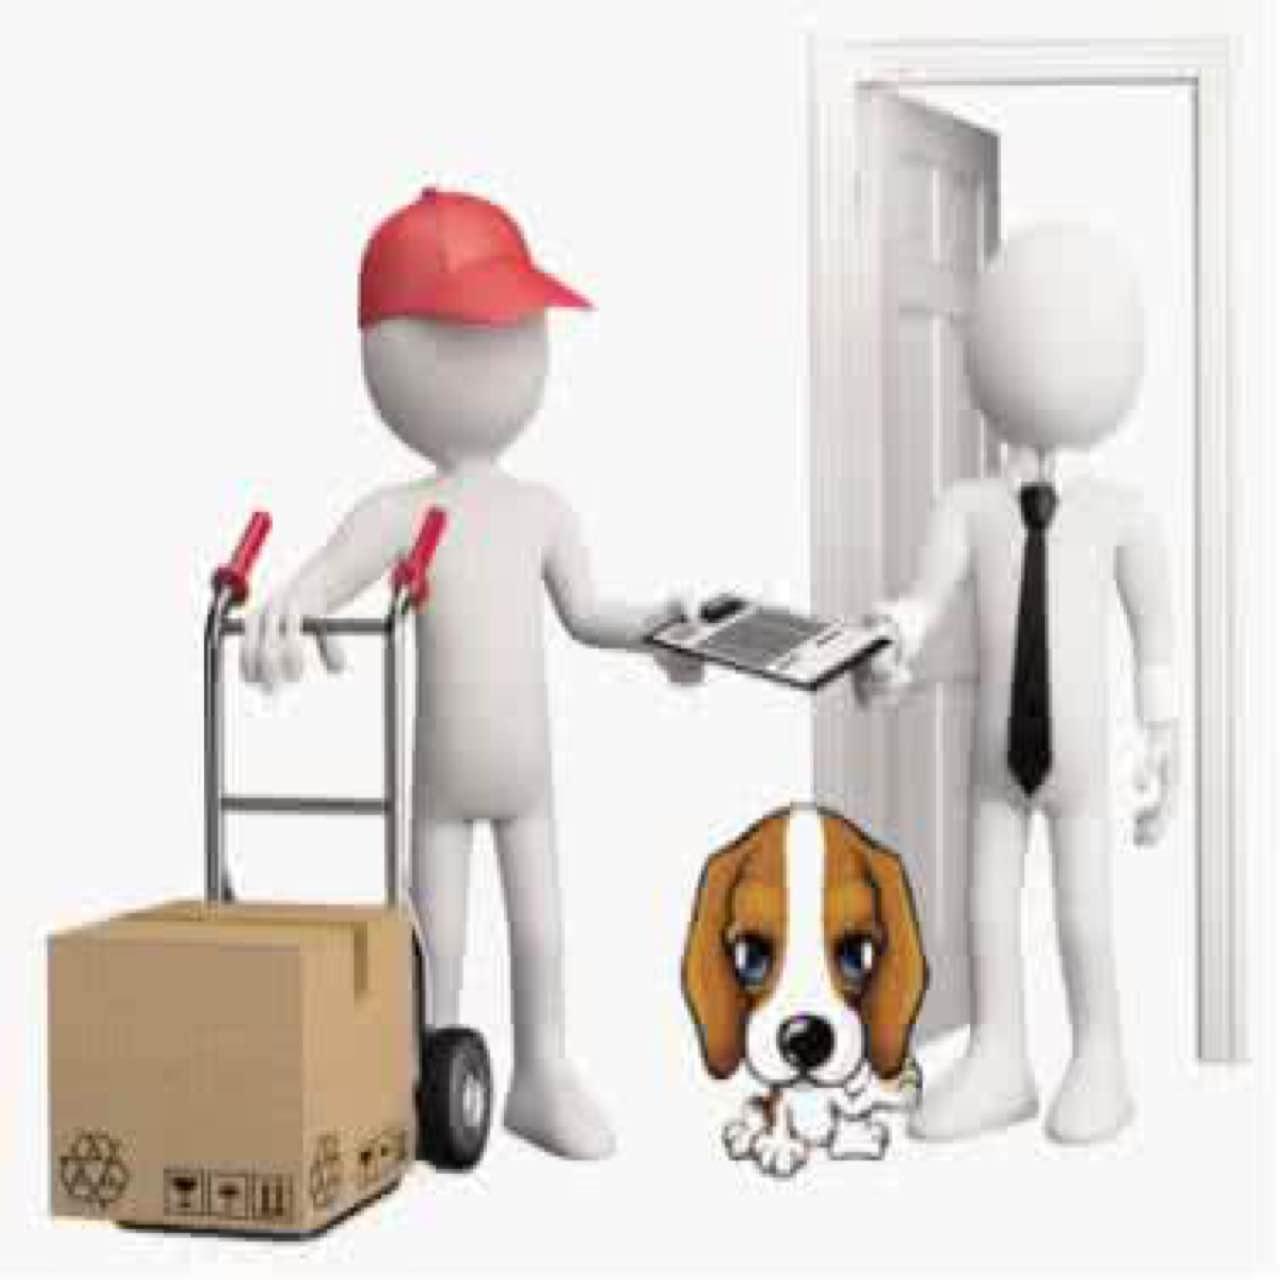 国内宠物托运 宠物空运 专业安全